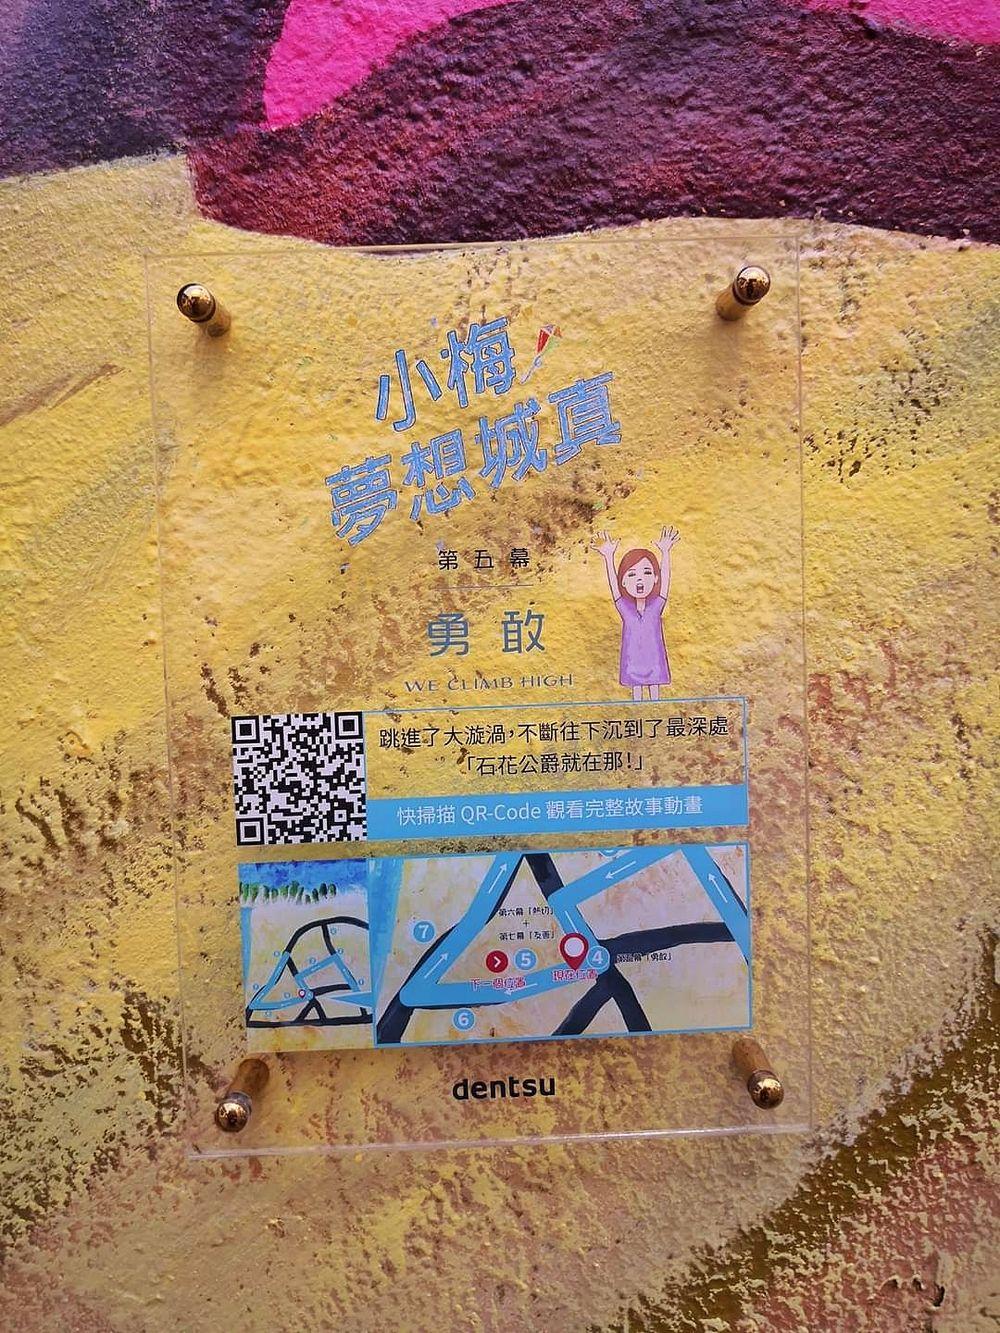 【2021北海岸一日遊】老梅綠石槽彩繪小鎮「小梅夢想城真」全台灣第一座多媒體繪本城鎮 吃貨旅遊作家水靜葳JING找樂子 (35)